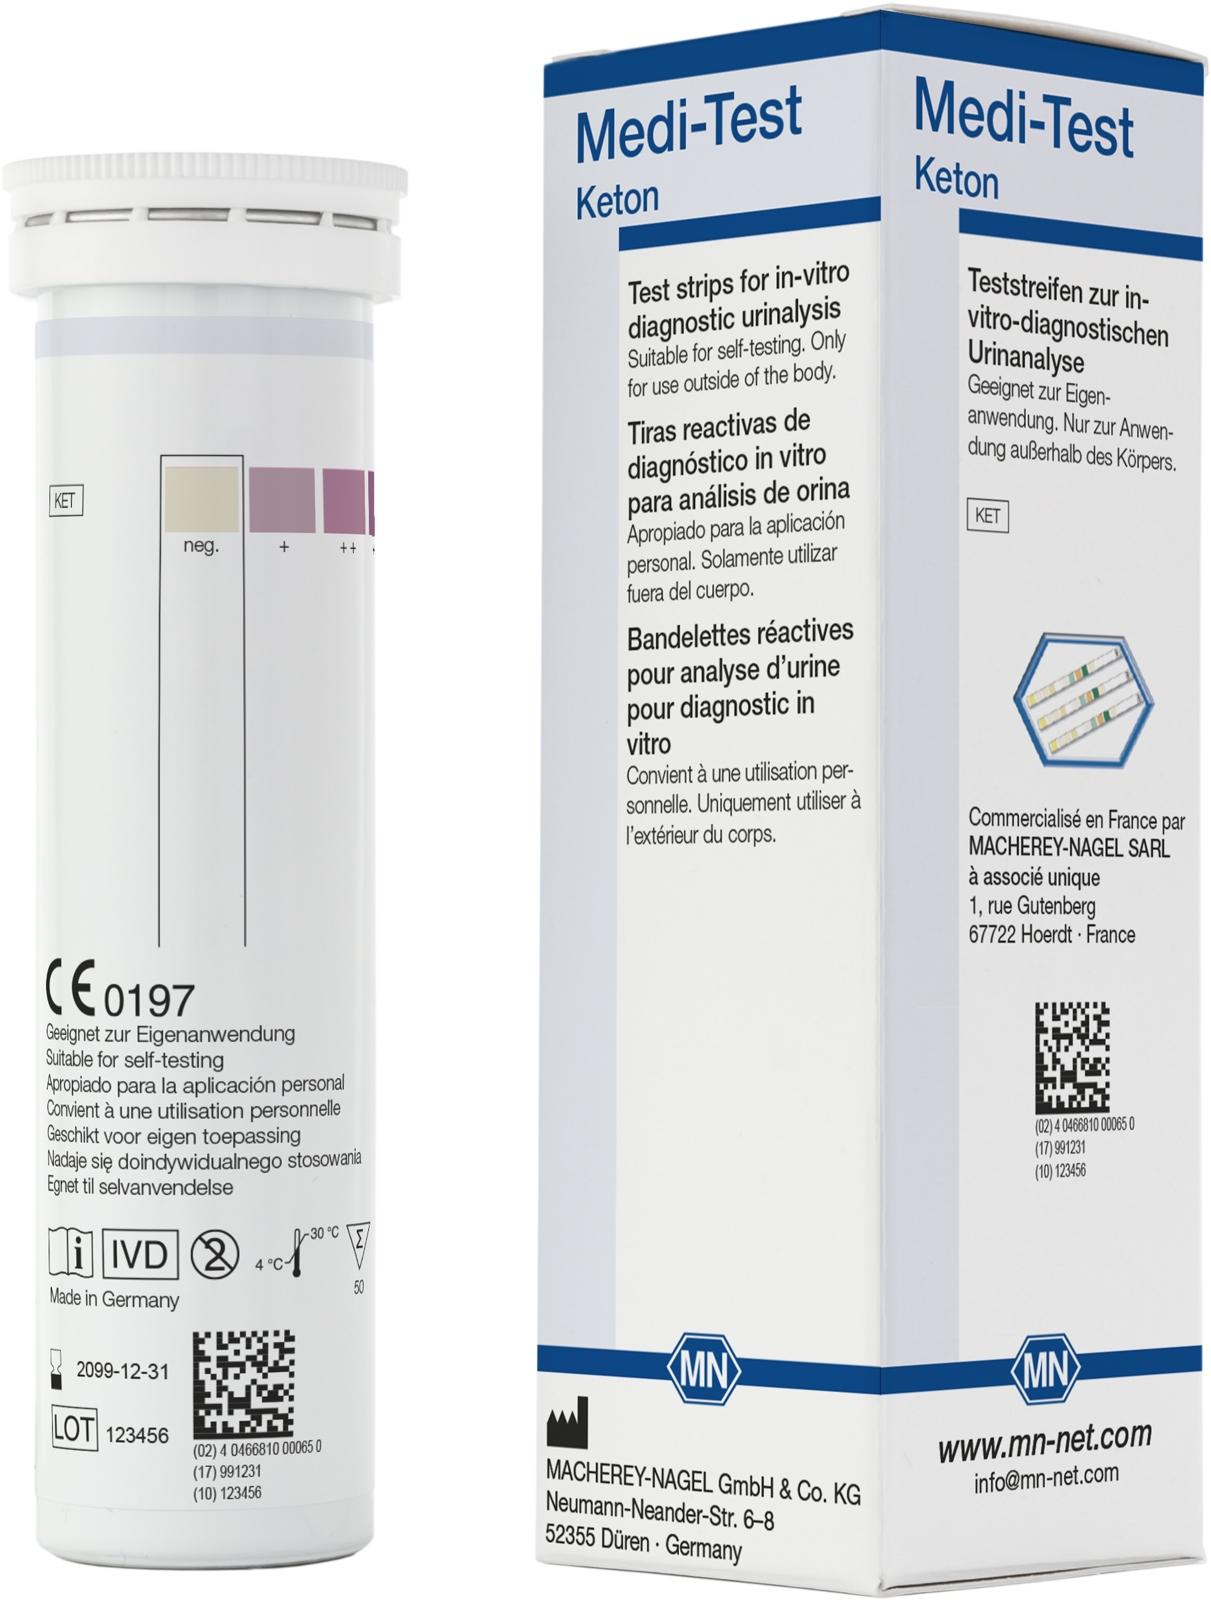 Medi-Test Ketone Teststreifen 50 Stück